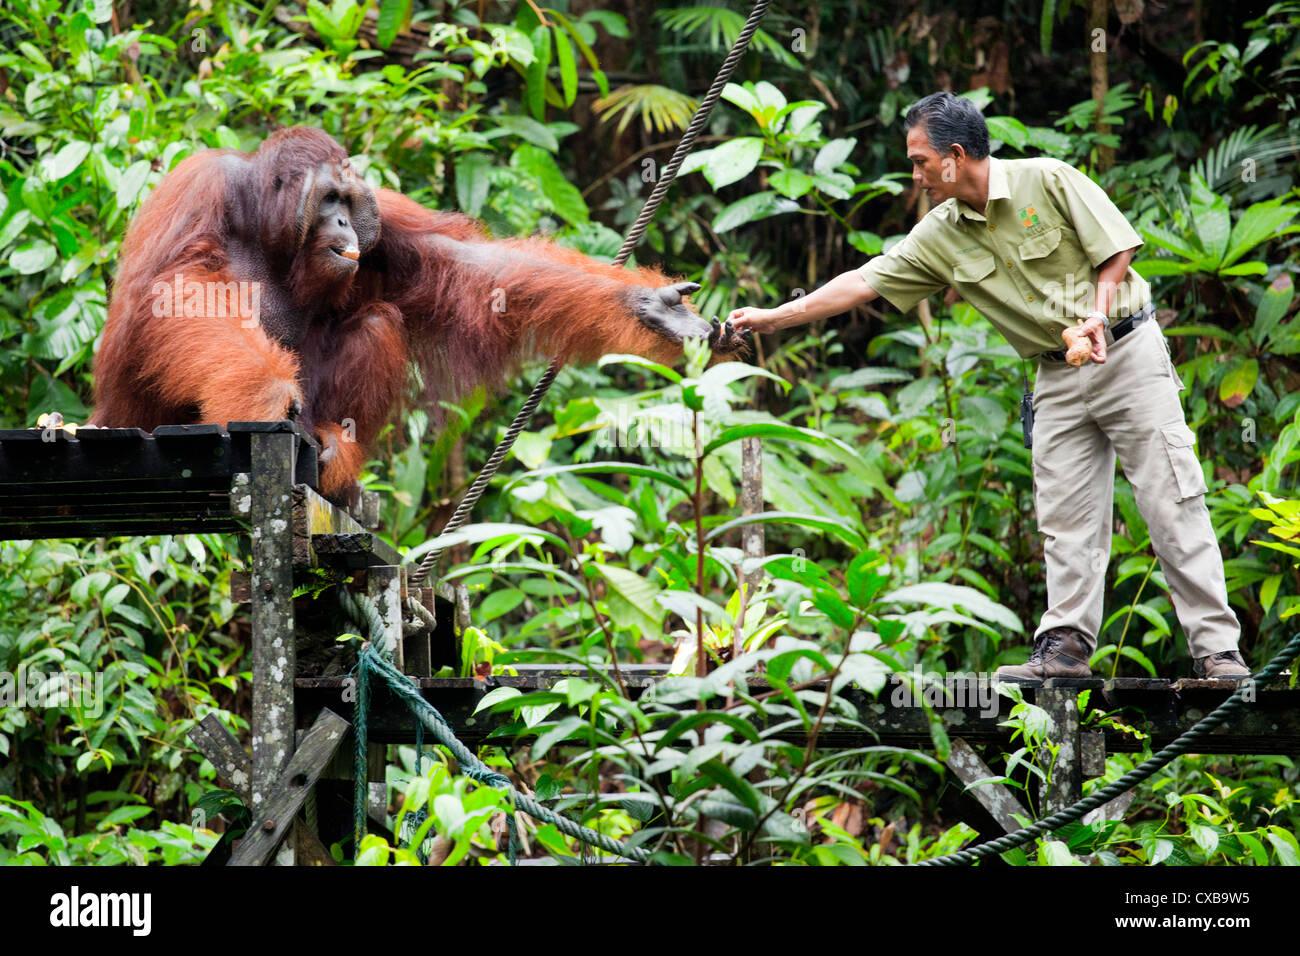 Orang-Utan at Semenggoh Wildlife Centre, Sarawak, Borneo Malaysia - Stock Image